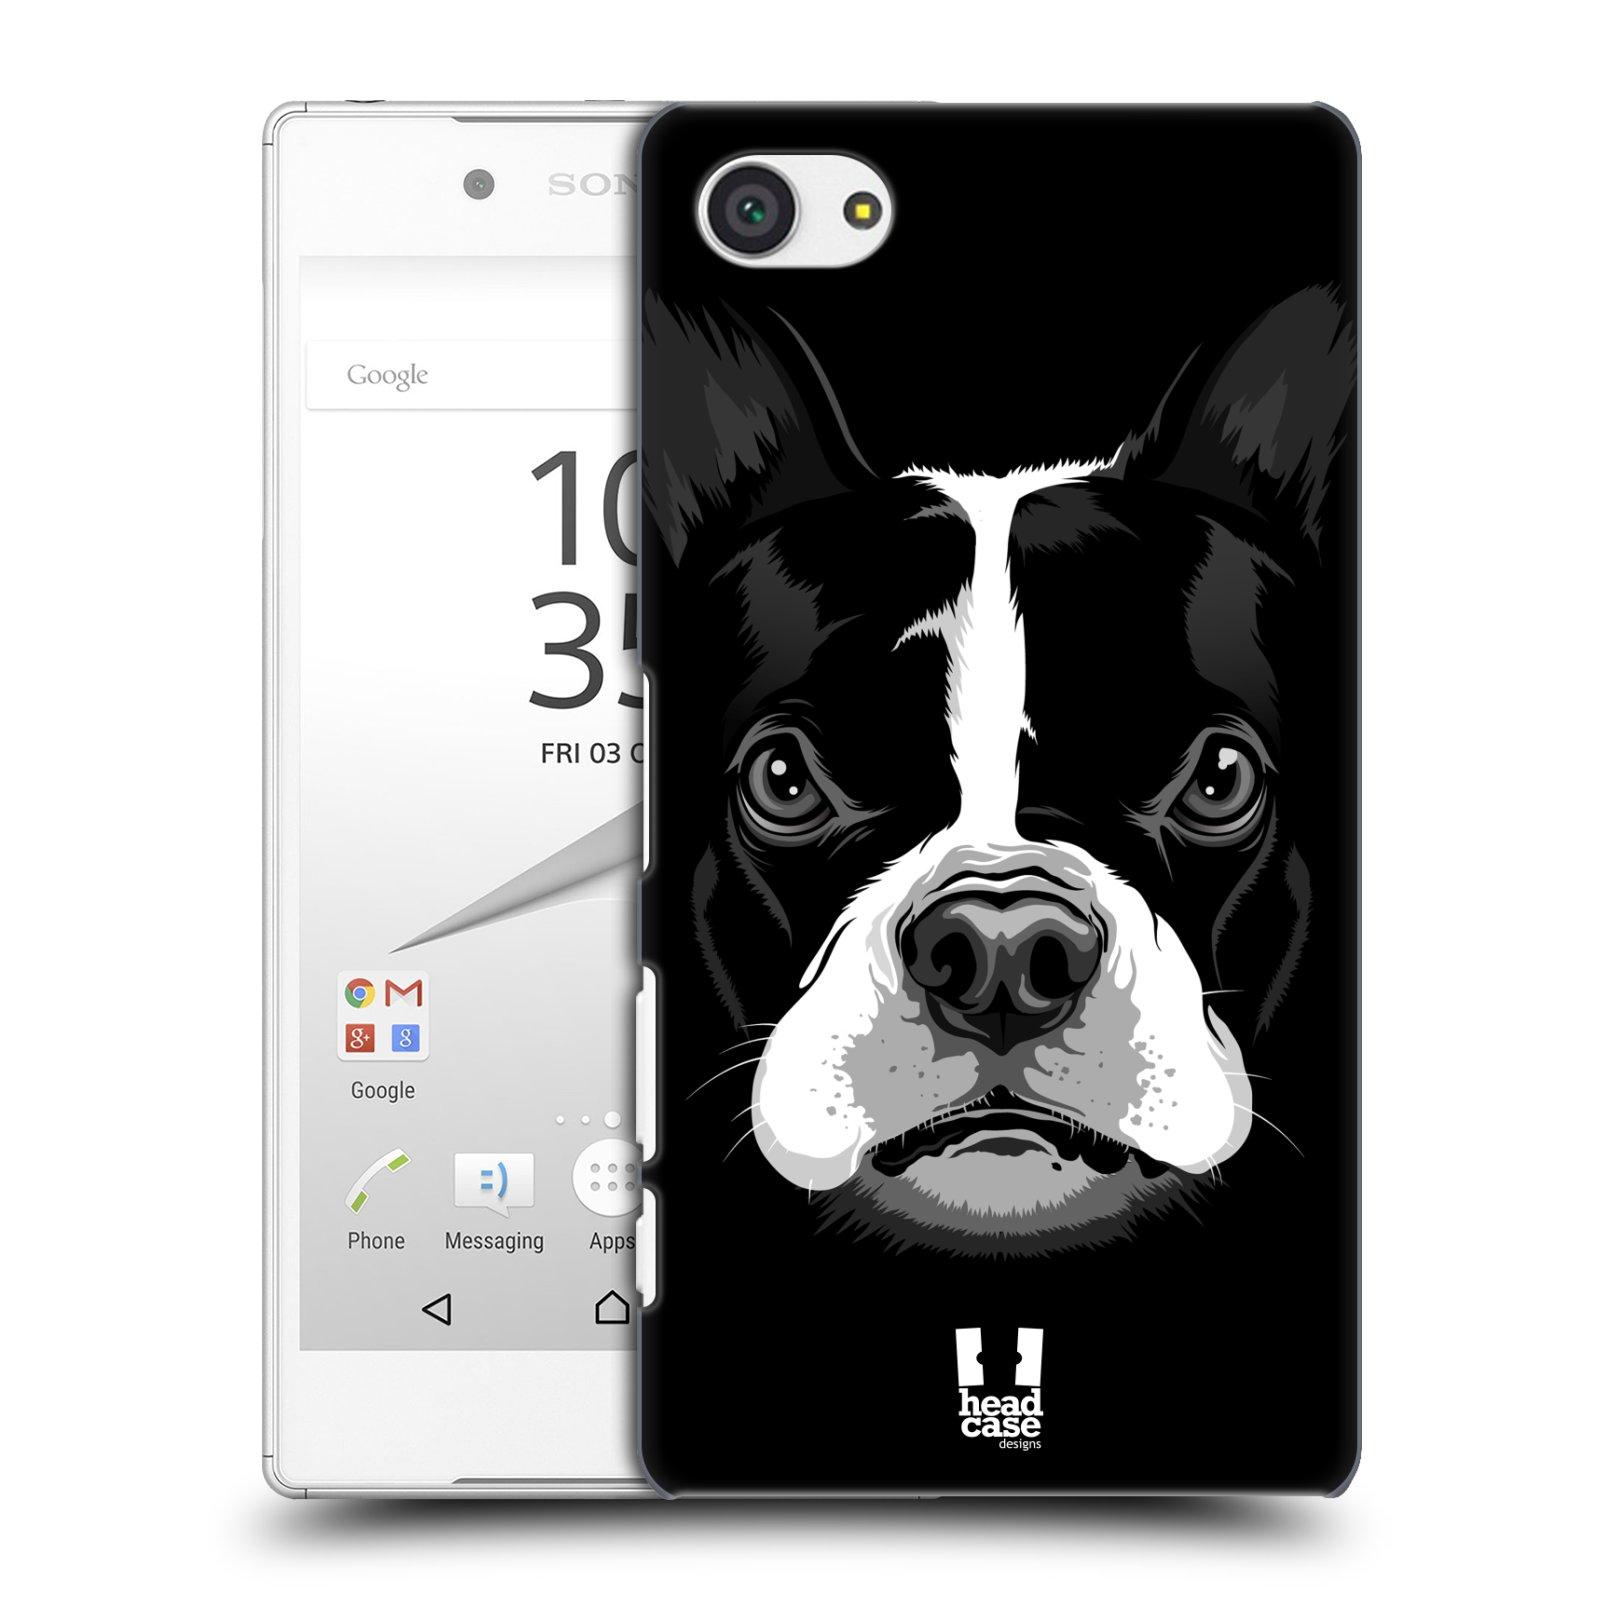 Plastové pouzdro na mobil Sony Xperia Z5 Compact HEAD CASE ILUSTROVANÝ BULDOČEK